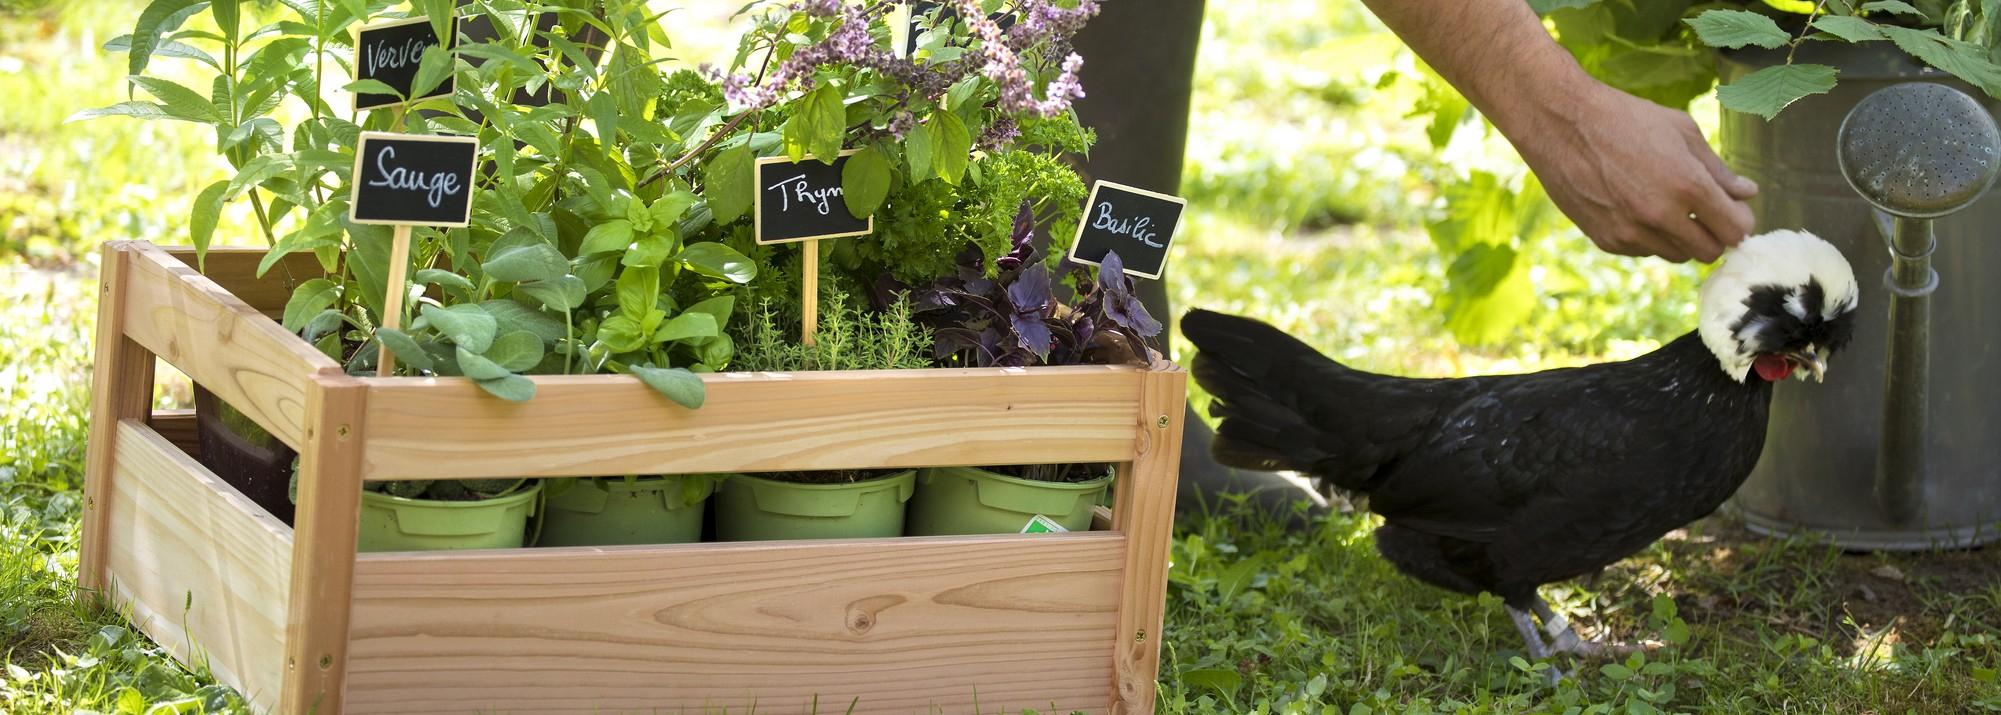 Ventes Privées Botanic® : Une Sélection De Produits Pour Le ... dedans Vente Privée Jardin